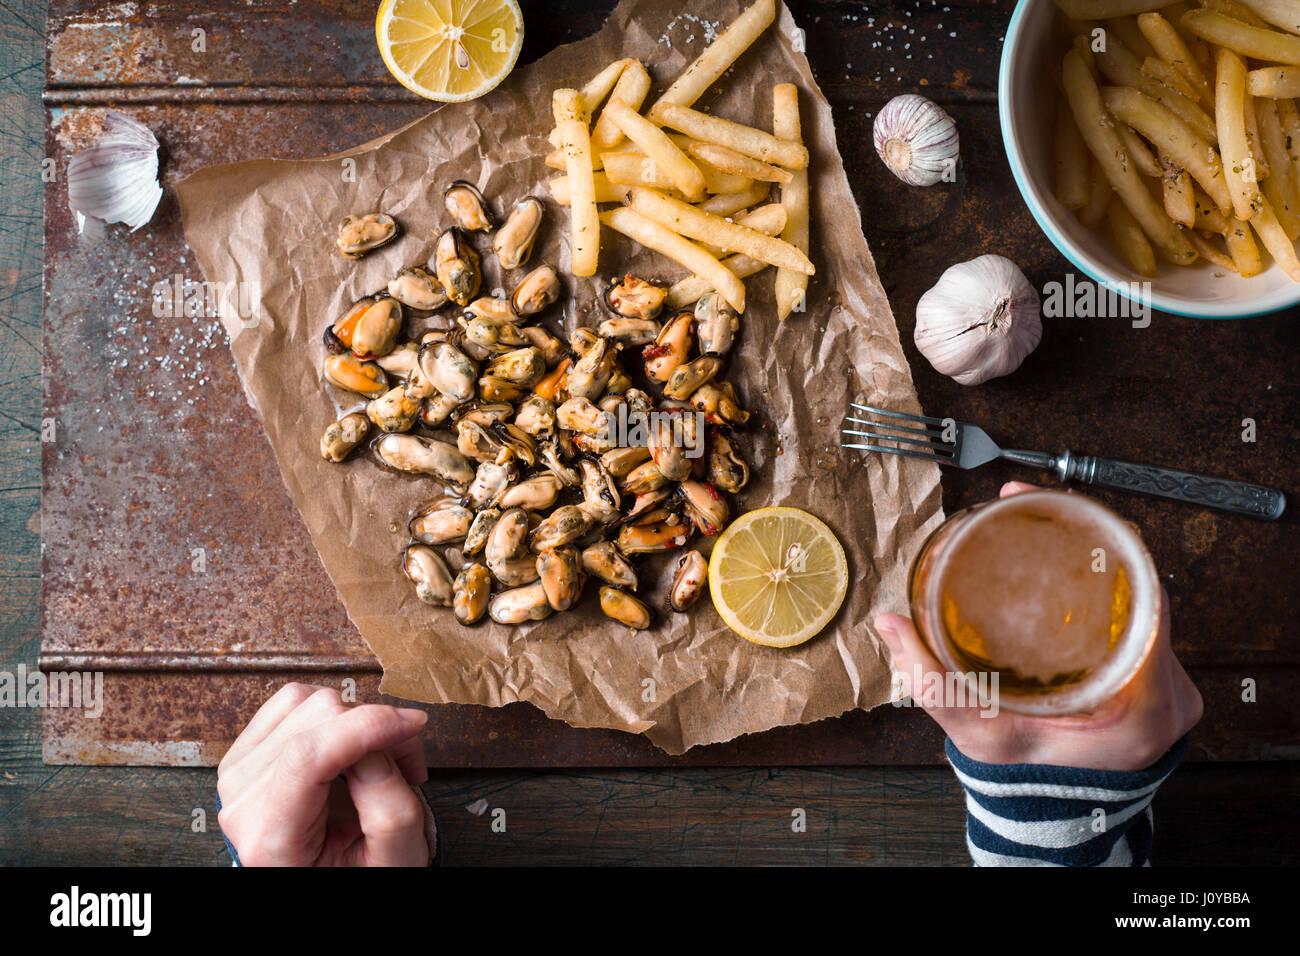 Biertrinken mit Muscheln und Pommes frites-Draufsicht Stockbild